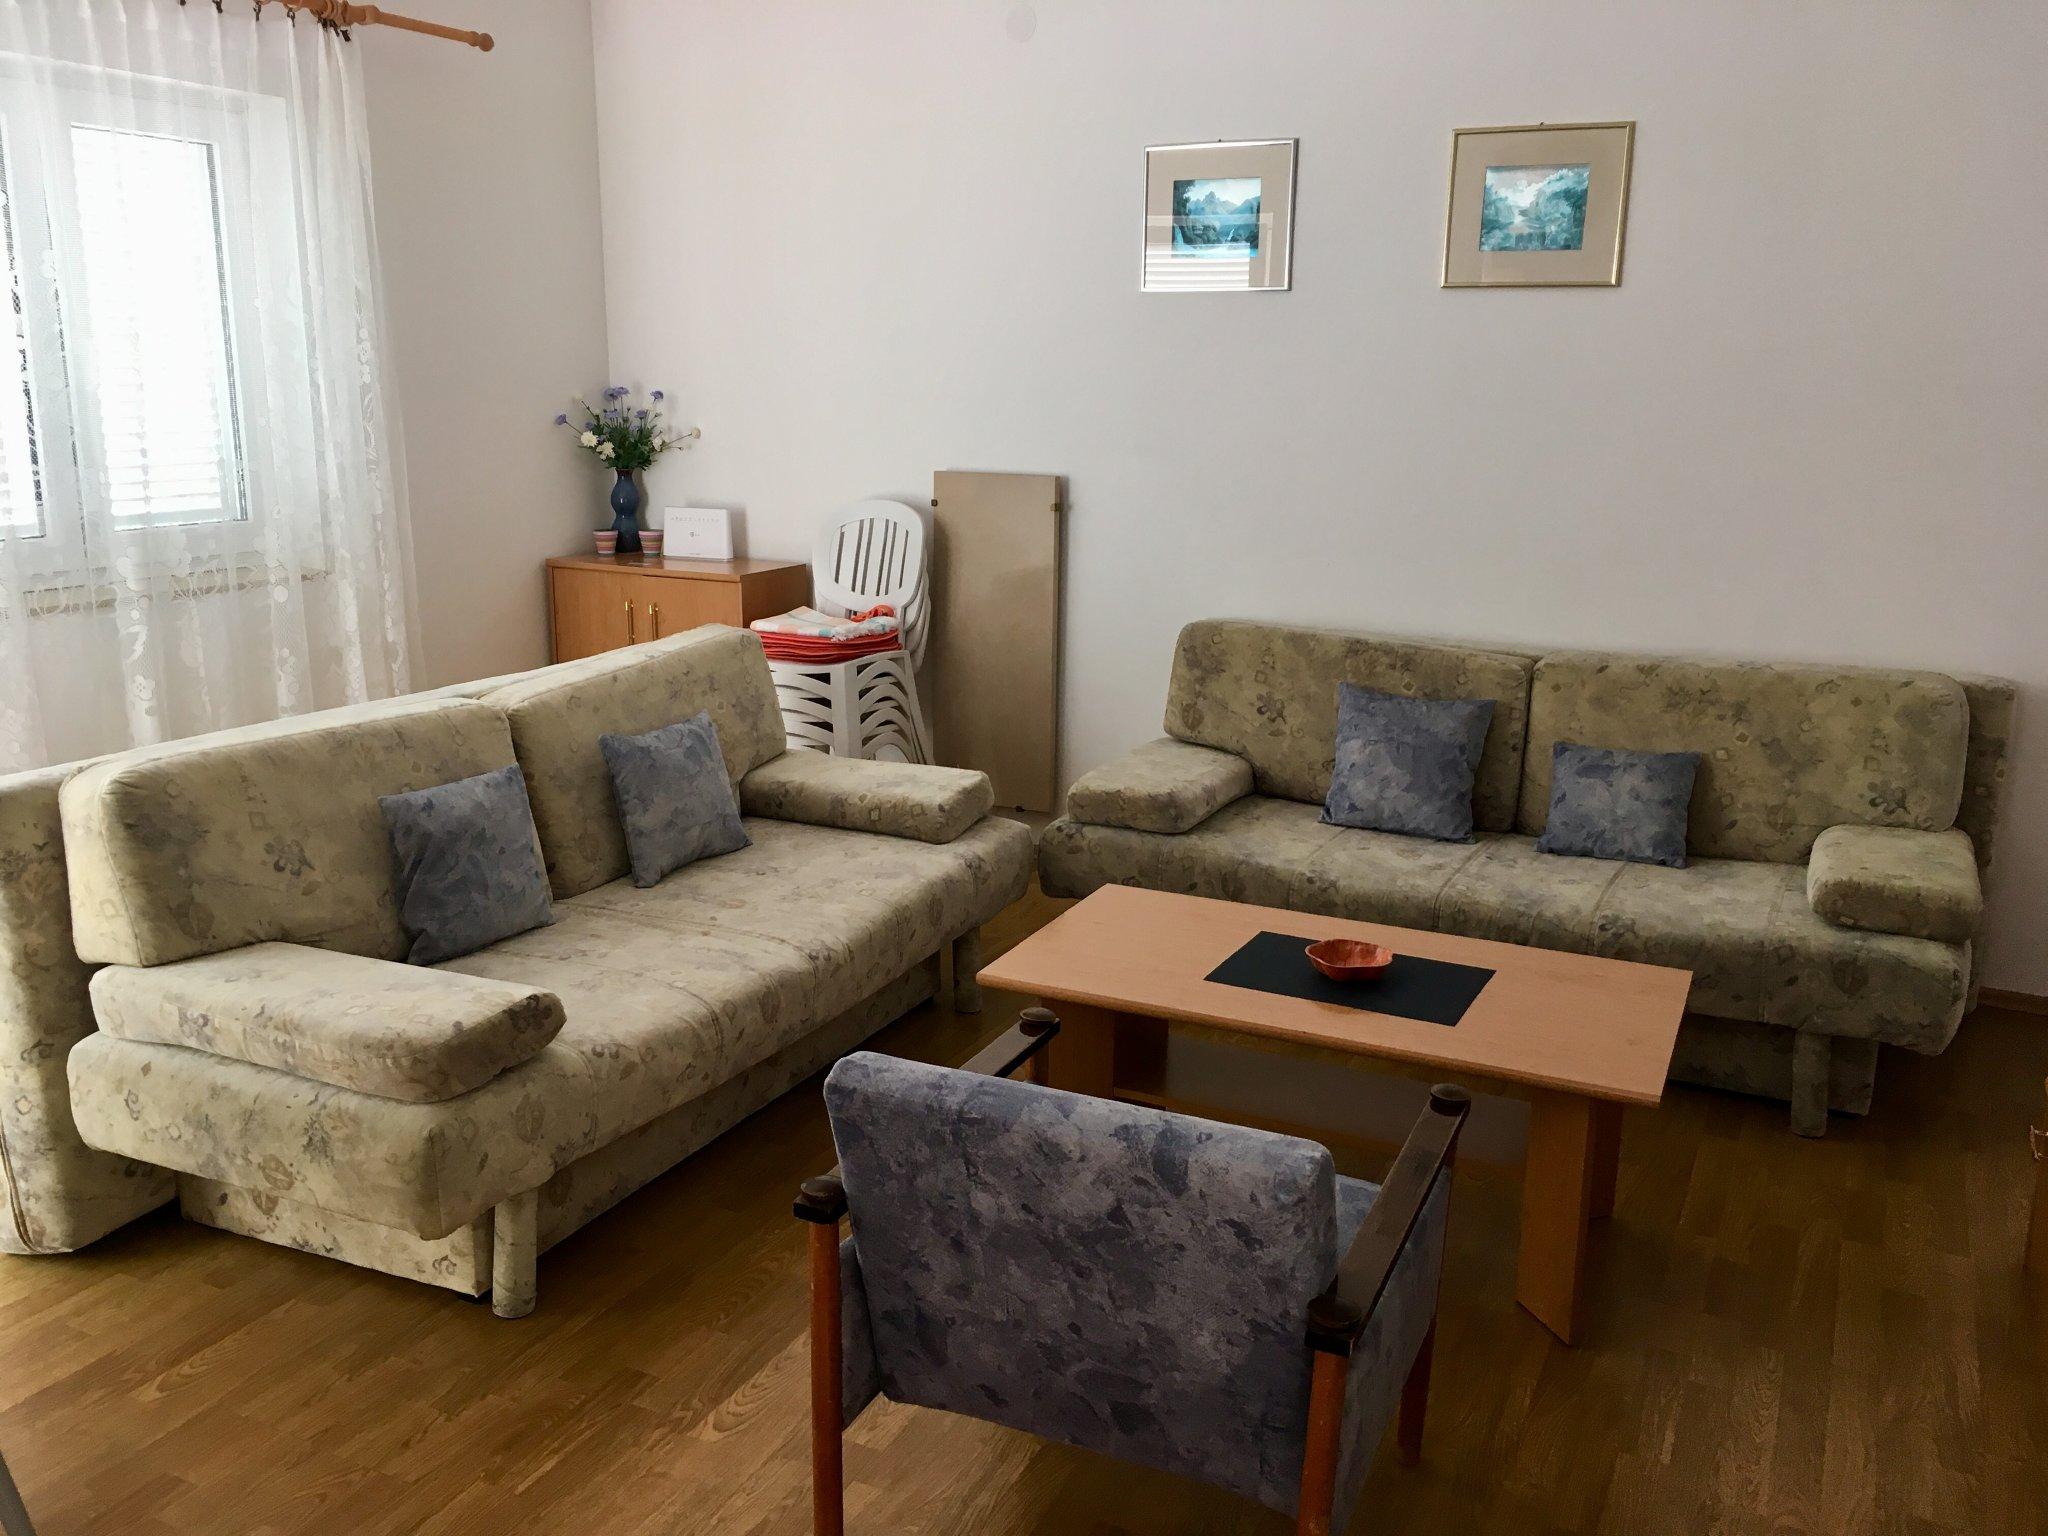 Kuche und Wohnzimmer - 1. Stock